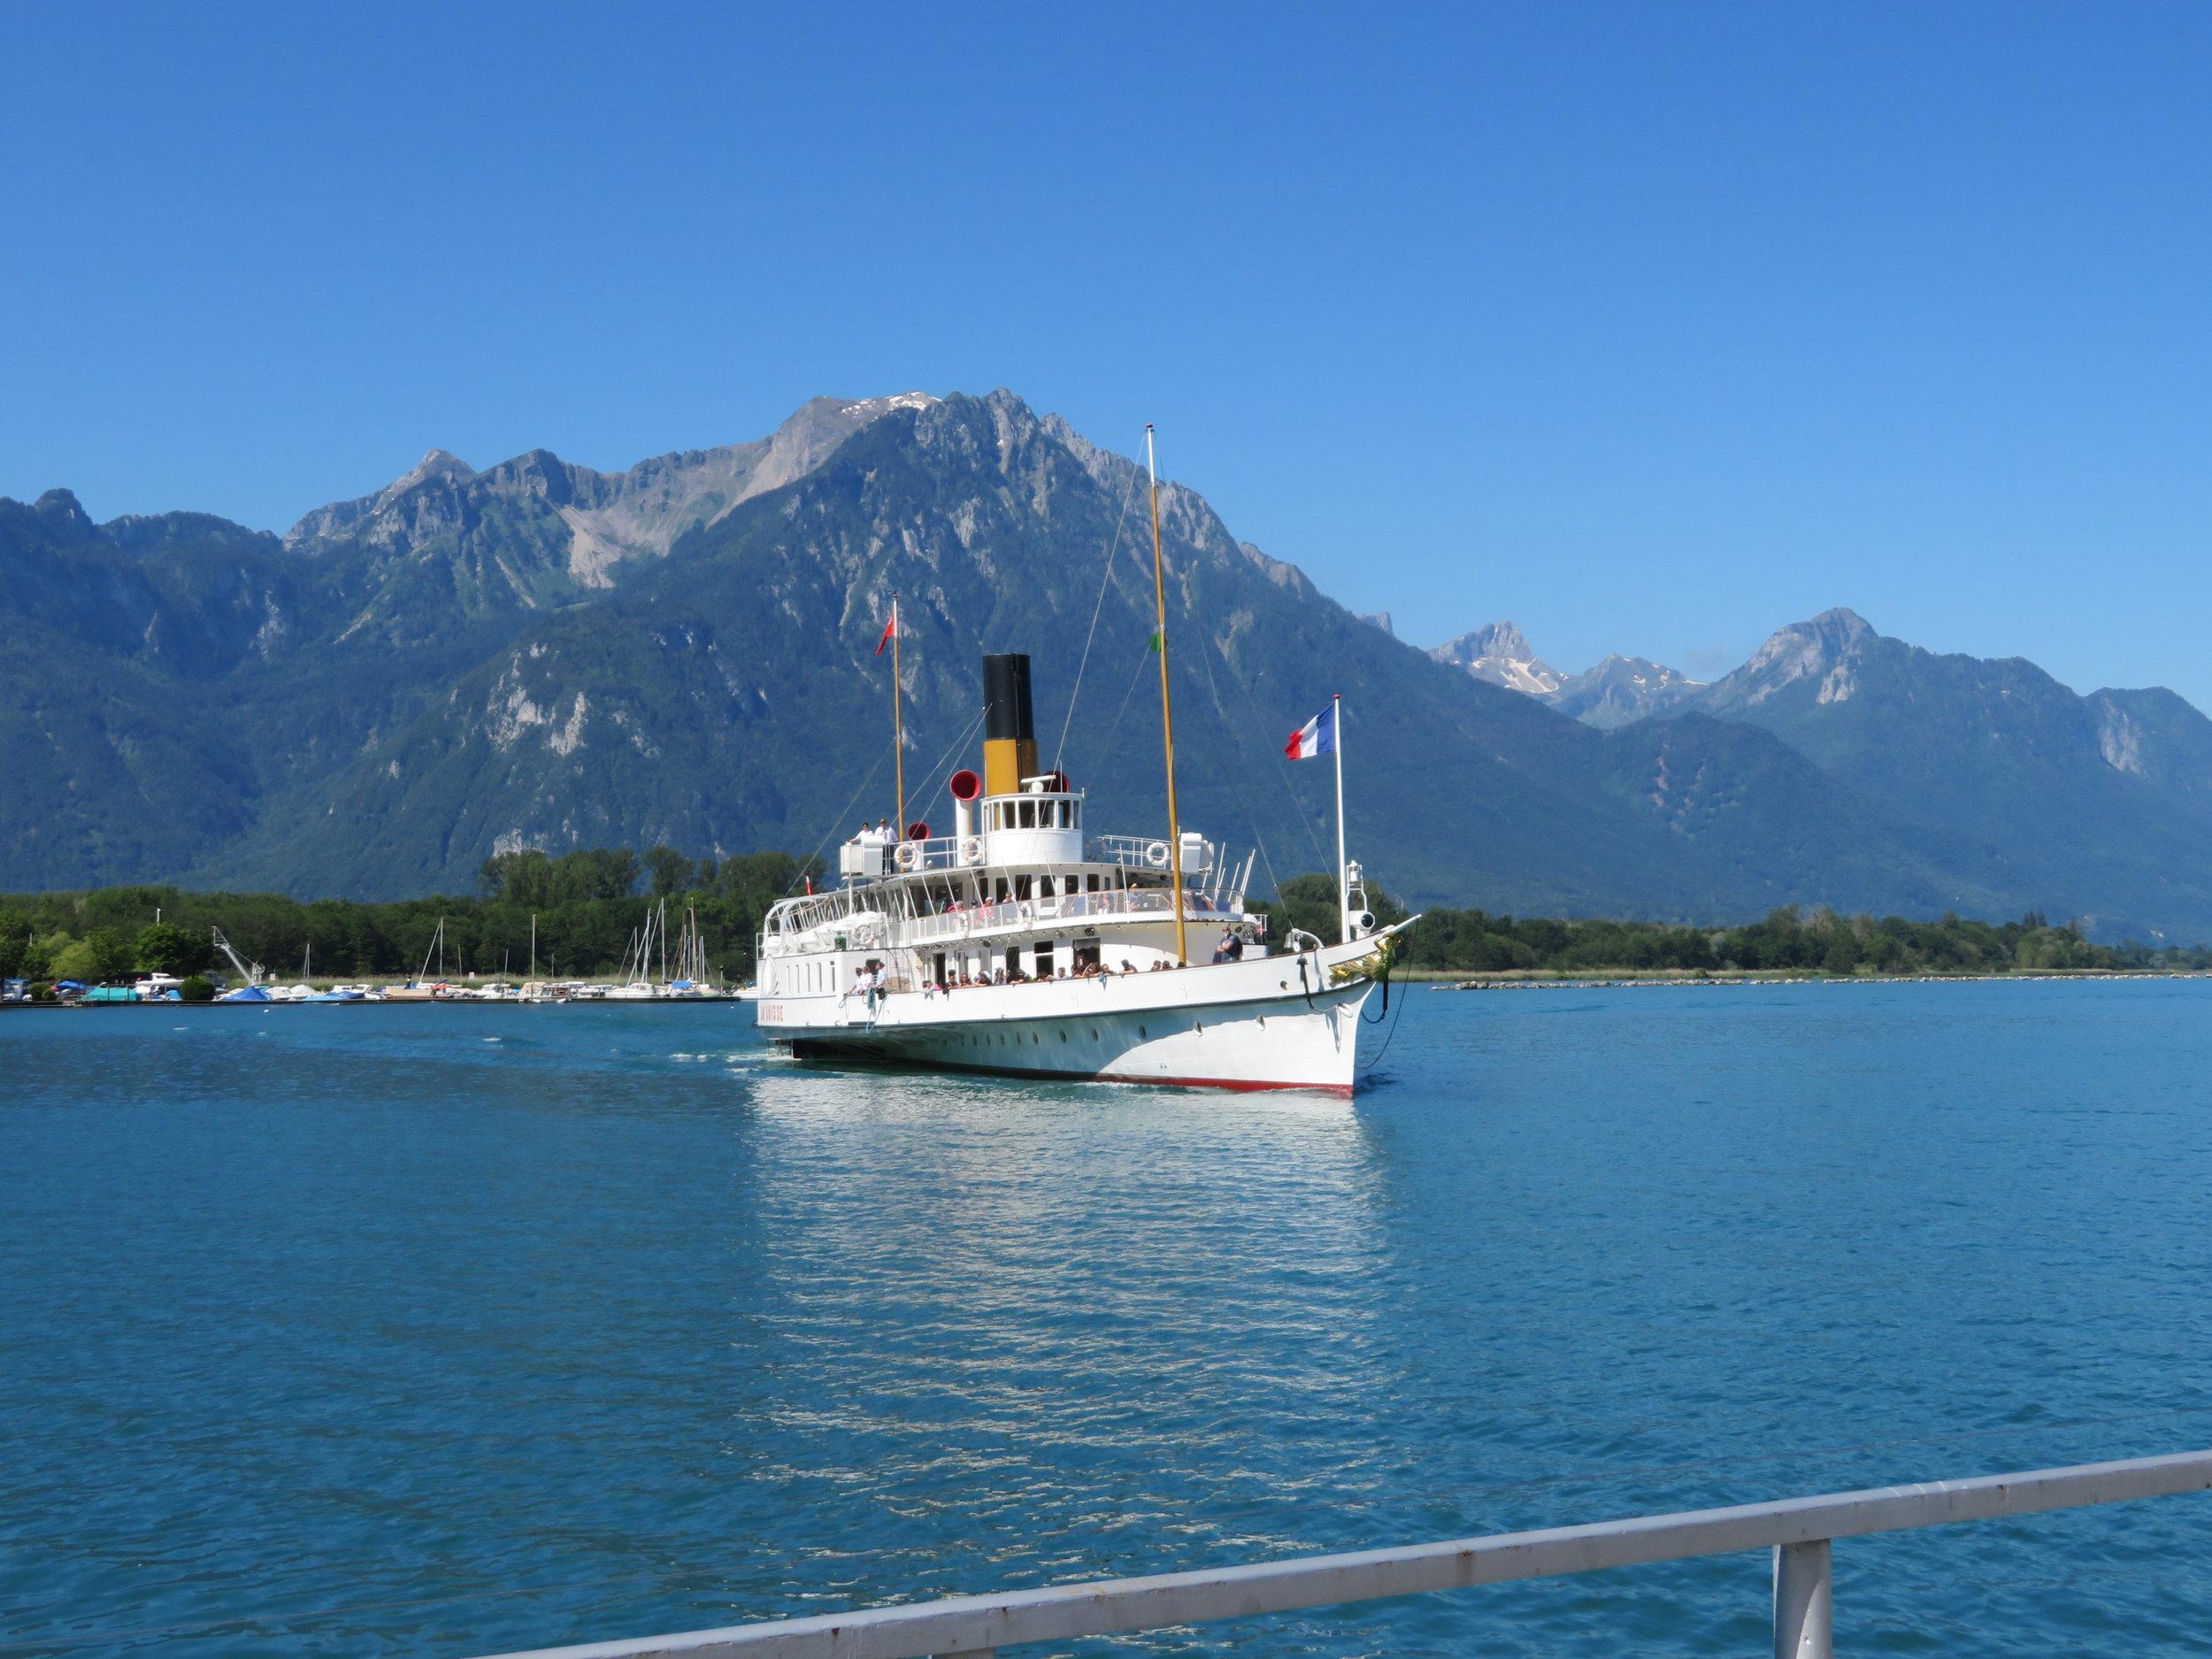 Our ferry,  La Suisse